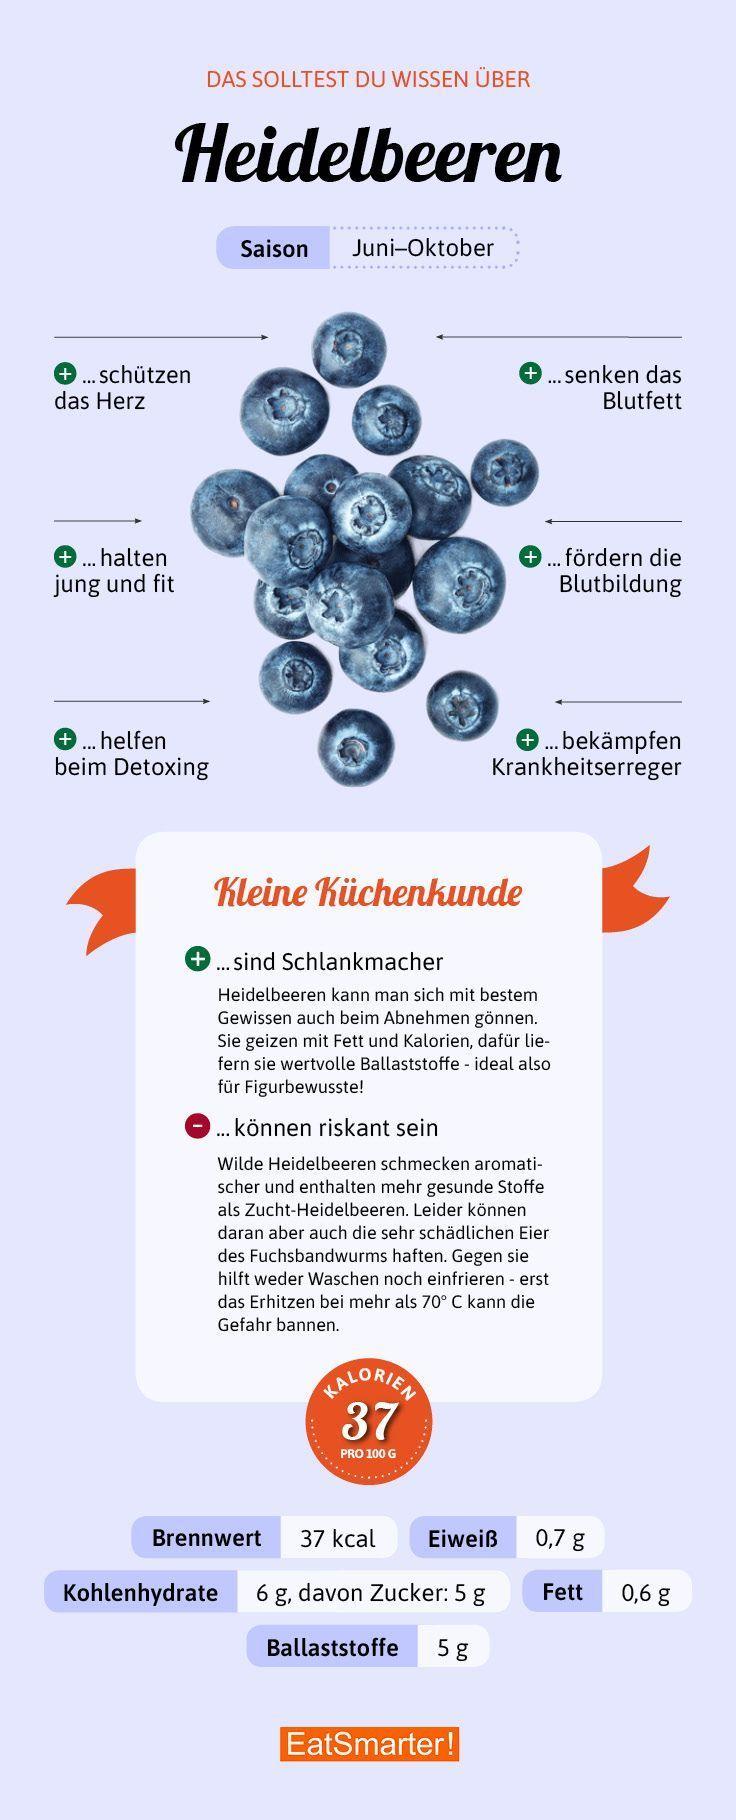 Das solltest du über Heidelbeeren wissen   eatsmarter.de #heidelbeeren #blaubeeren #infografik #DAS...